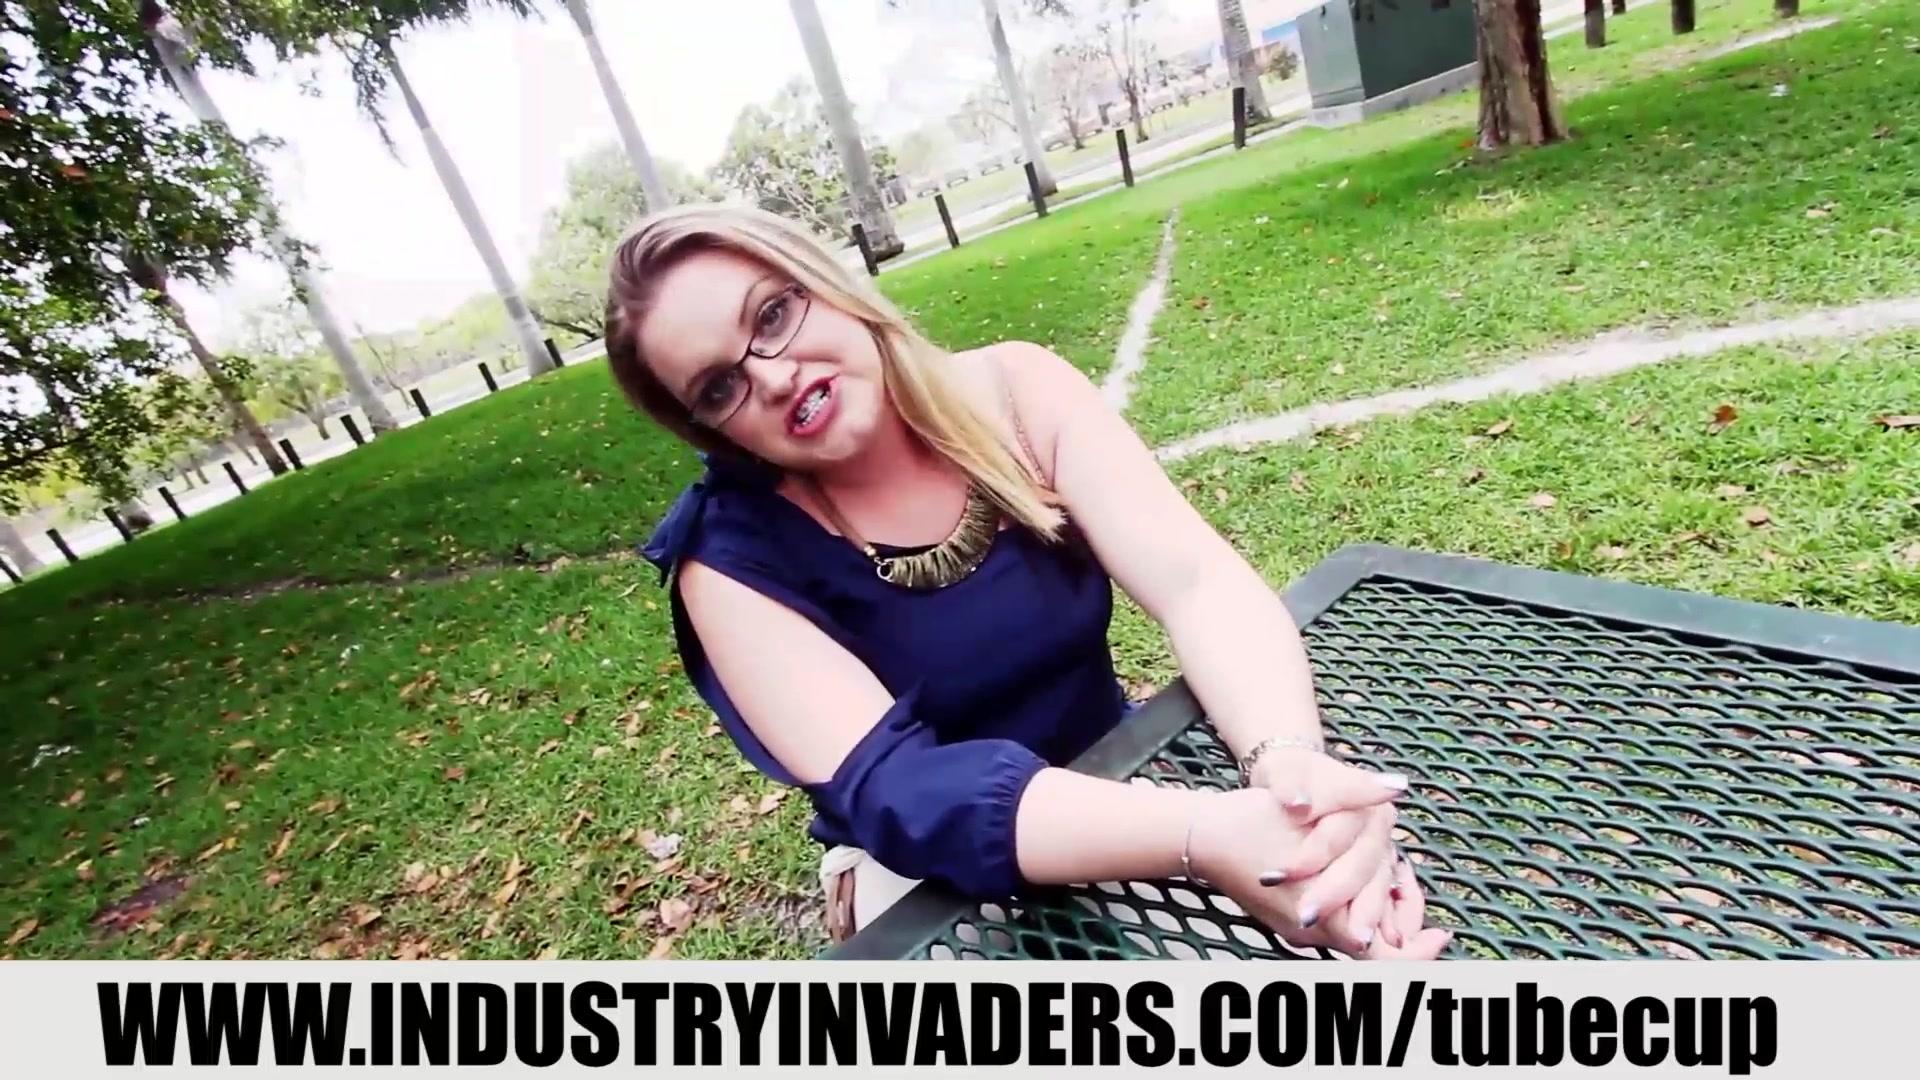 industry invaders siterip